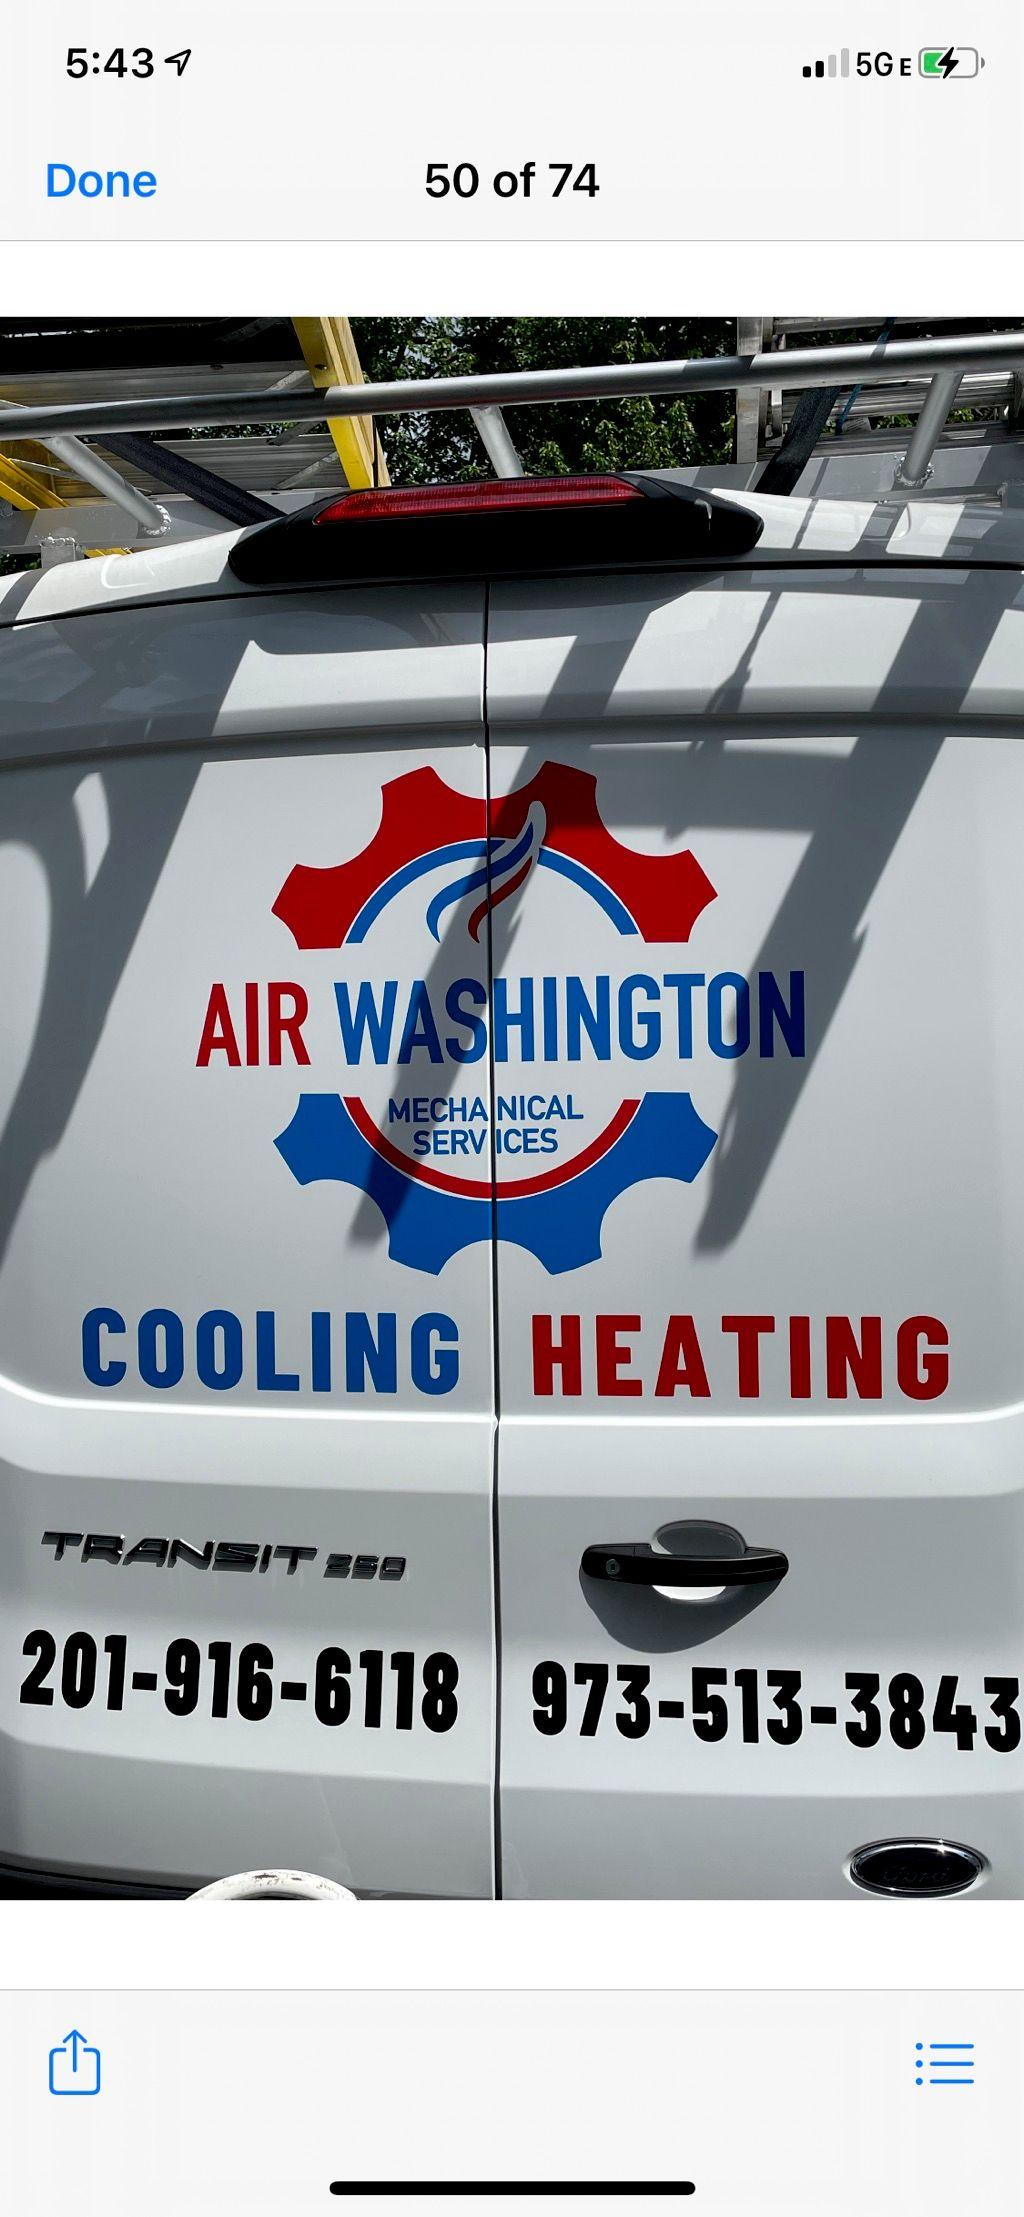 Air Washington Mechanical Services